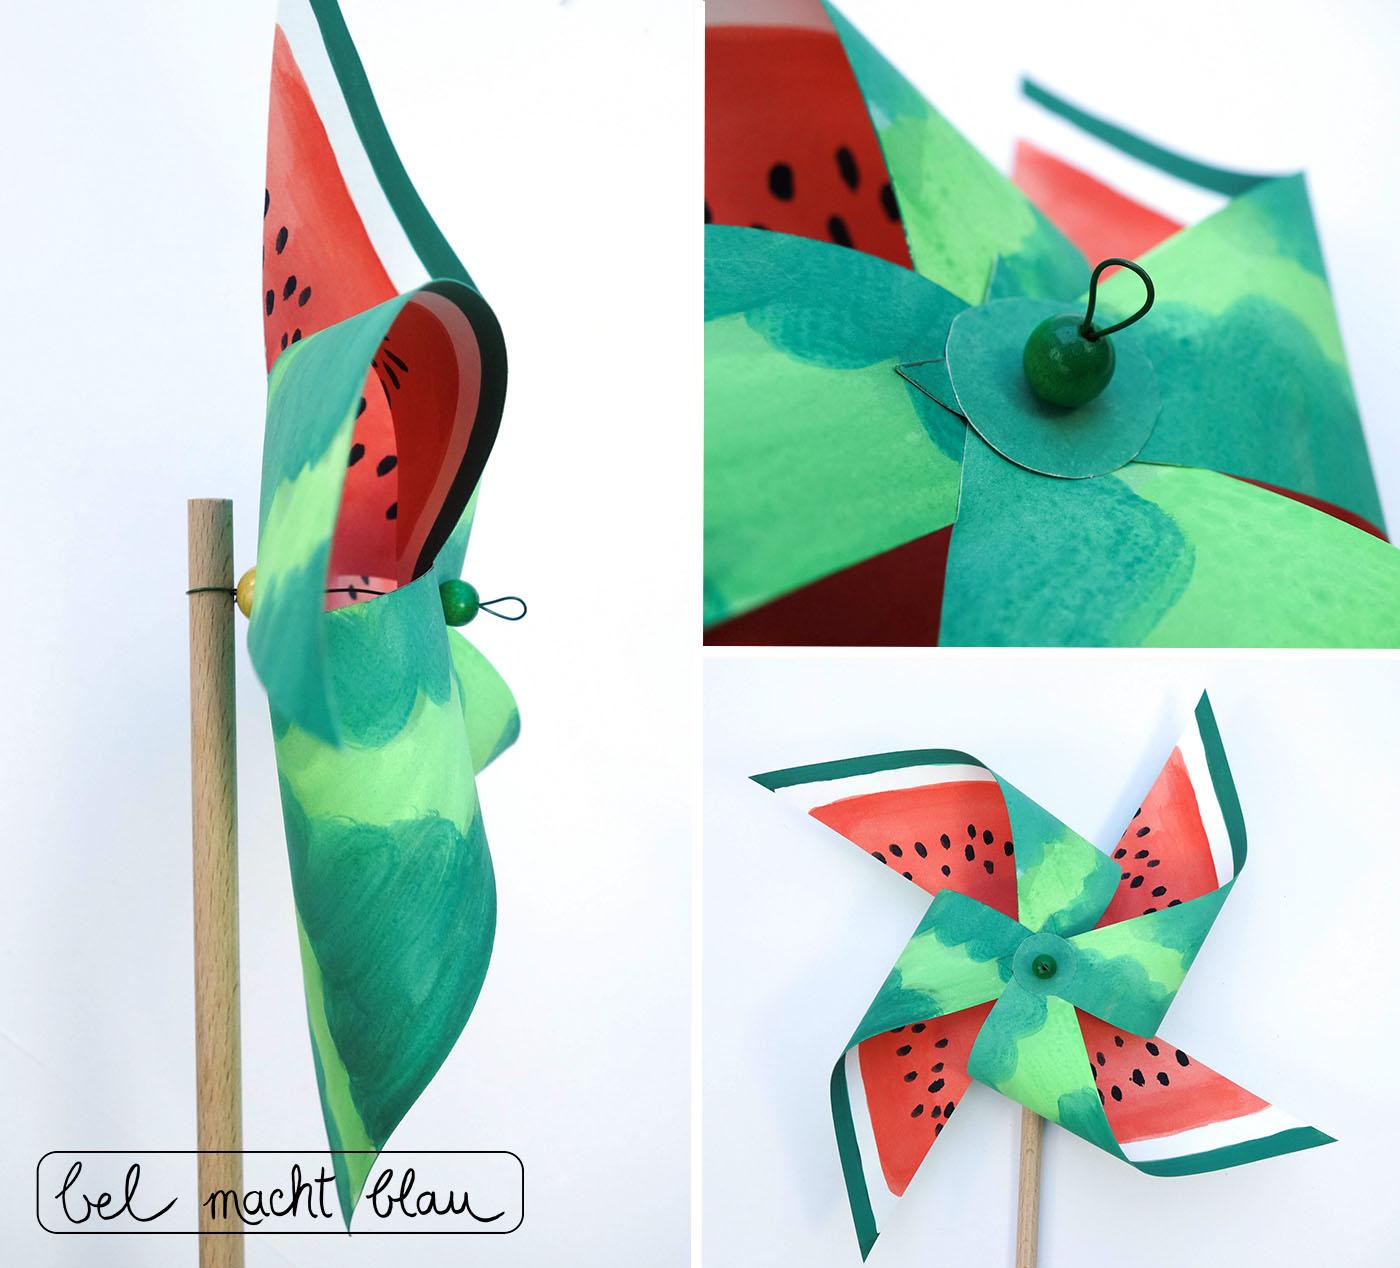 Bastelanleitung für ein Melonen-Windrad